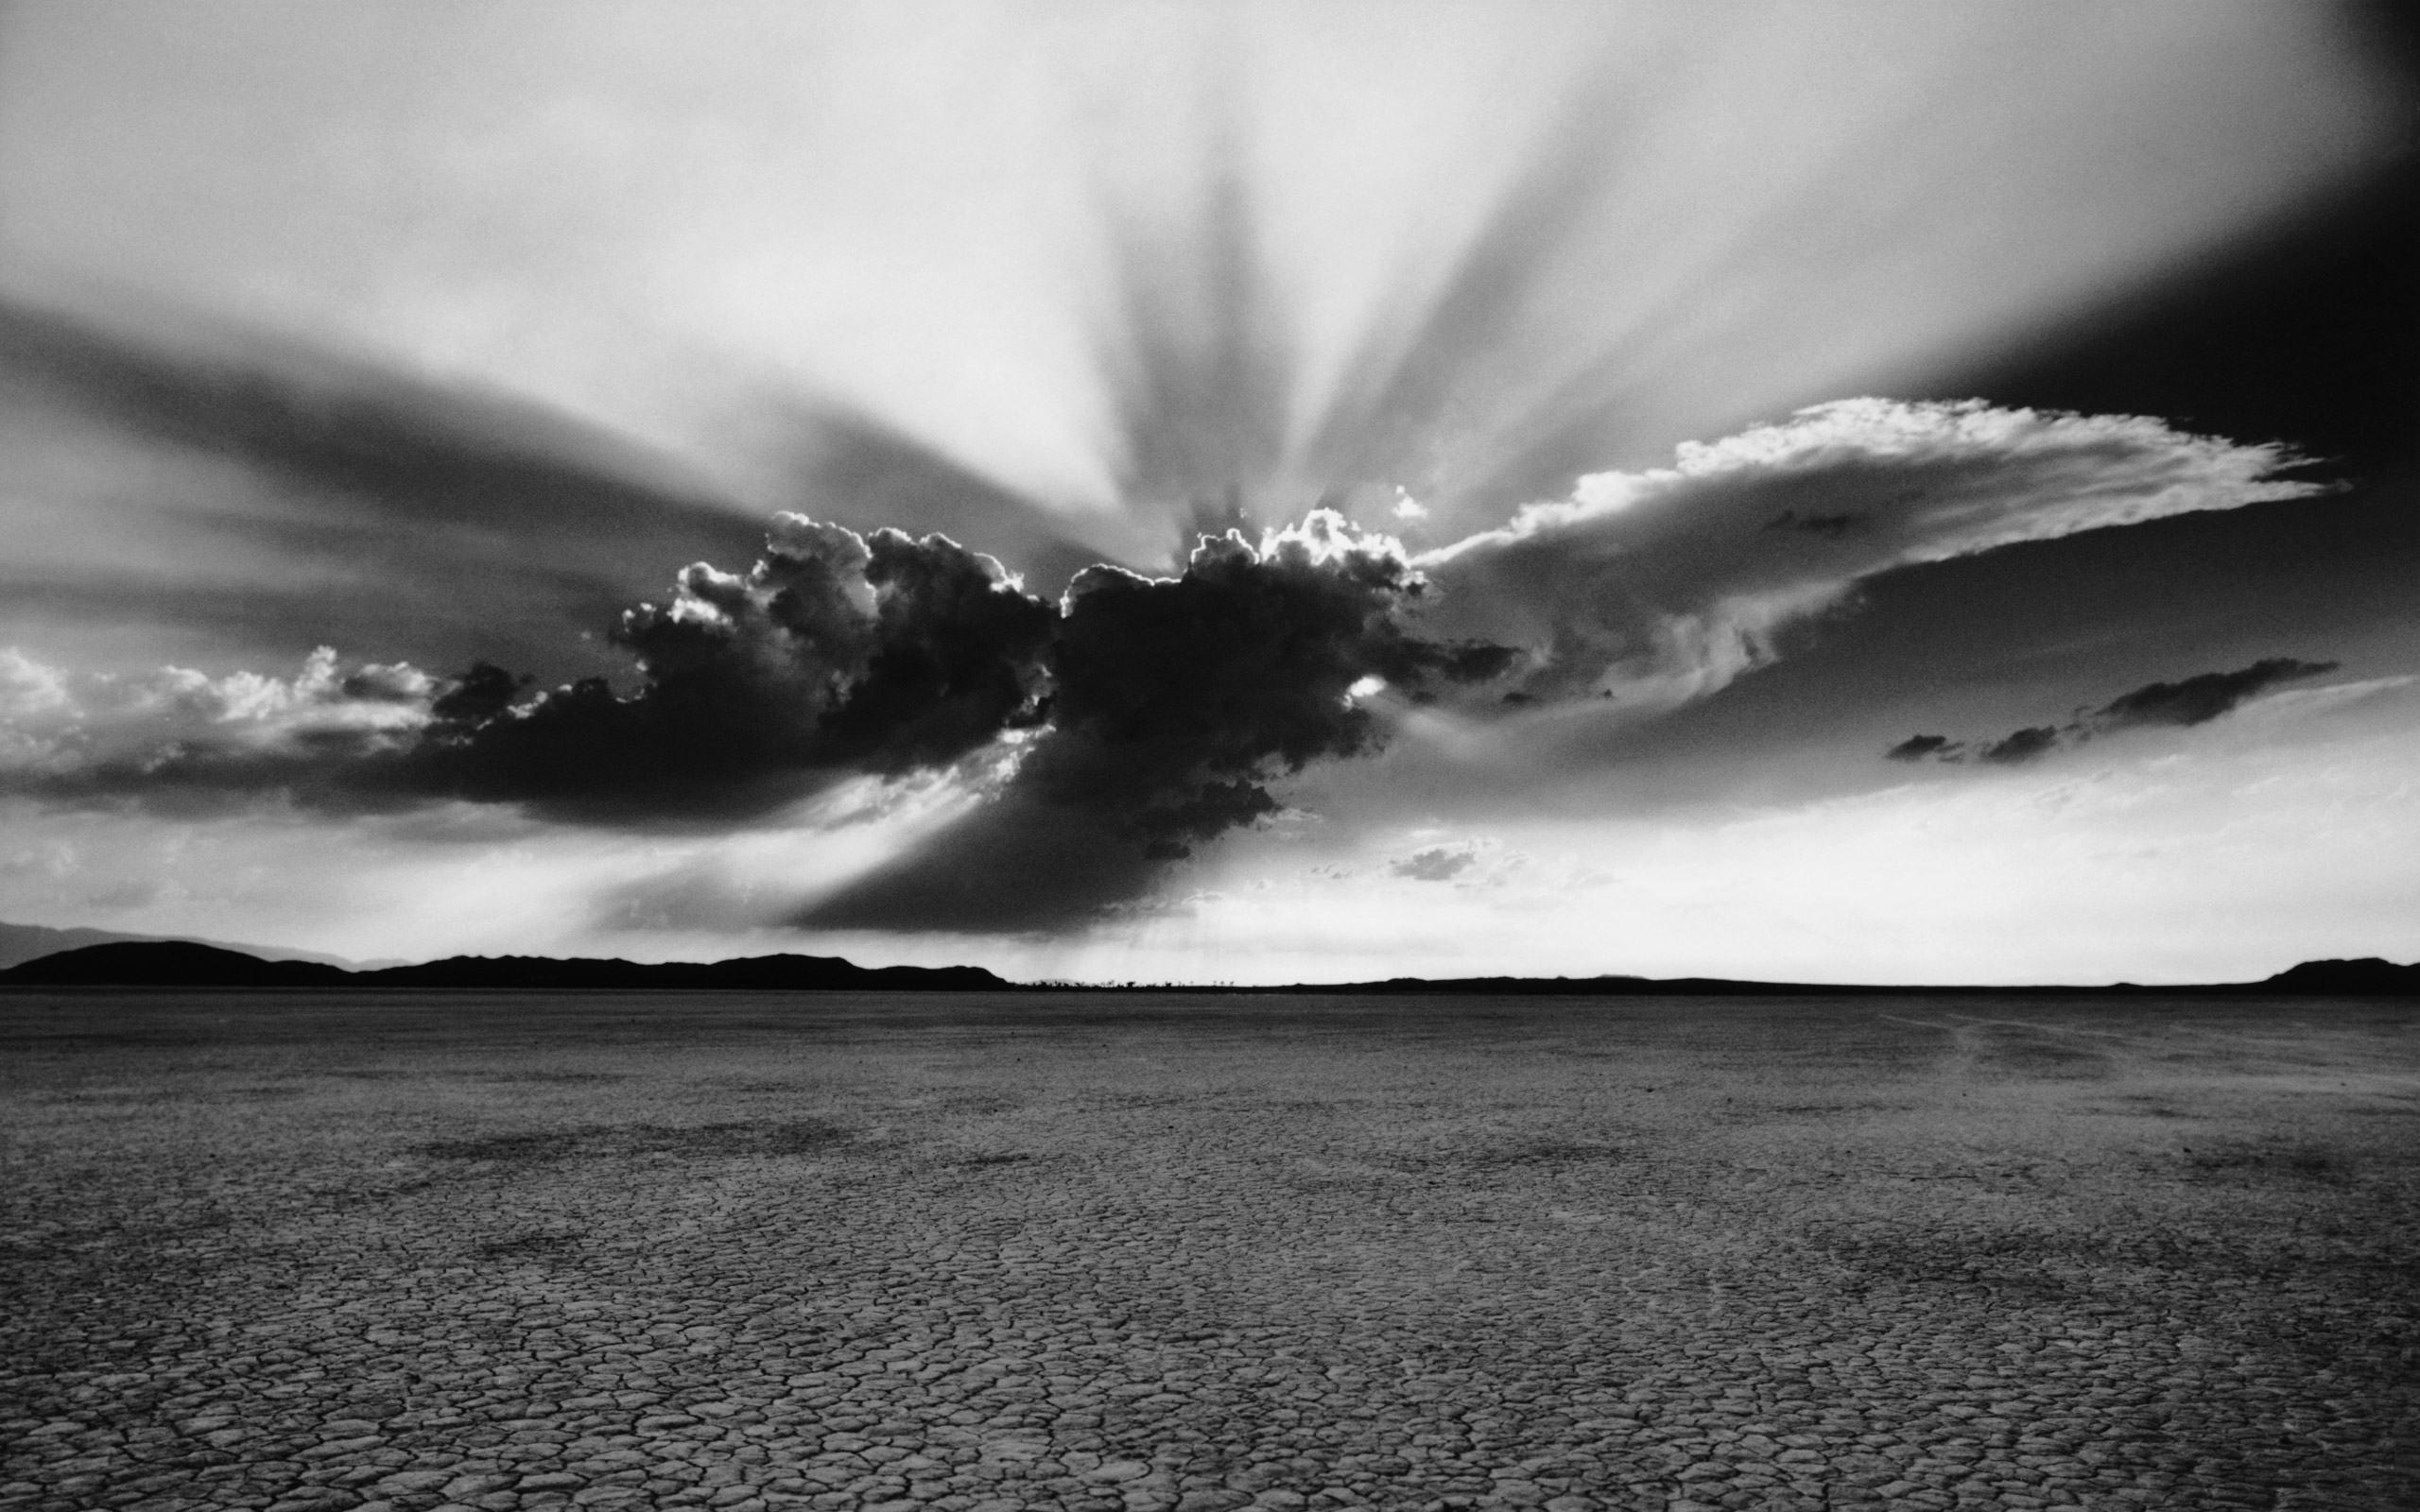 Черно белая картина облака закрывают